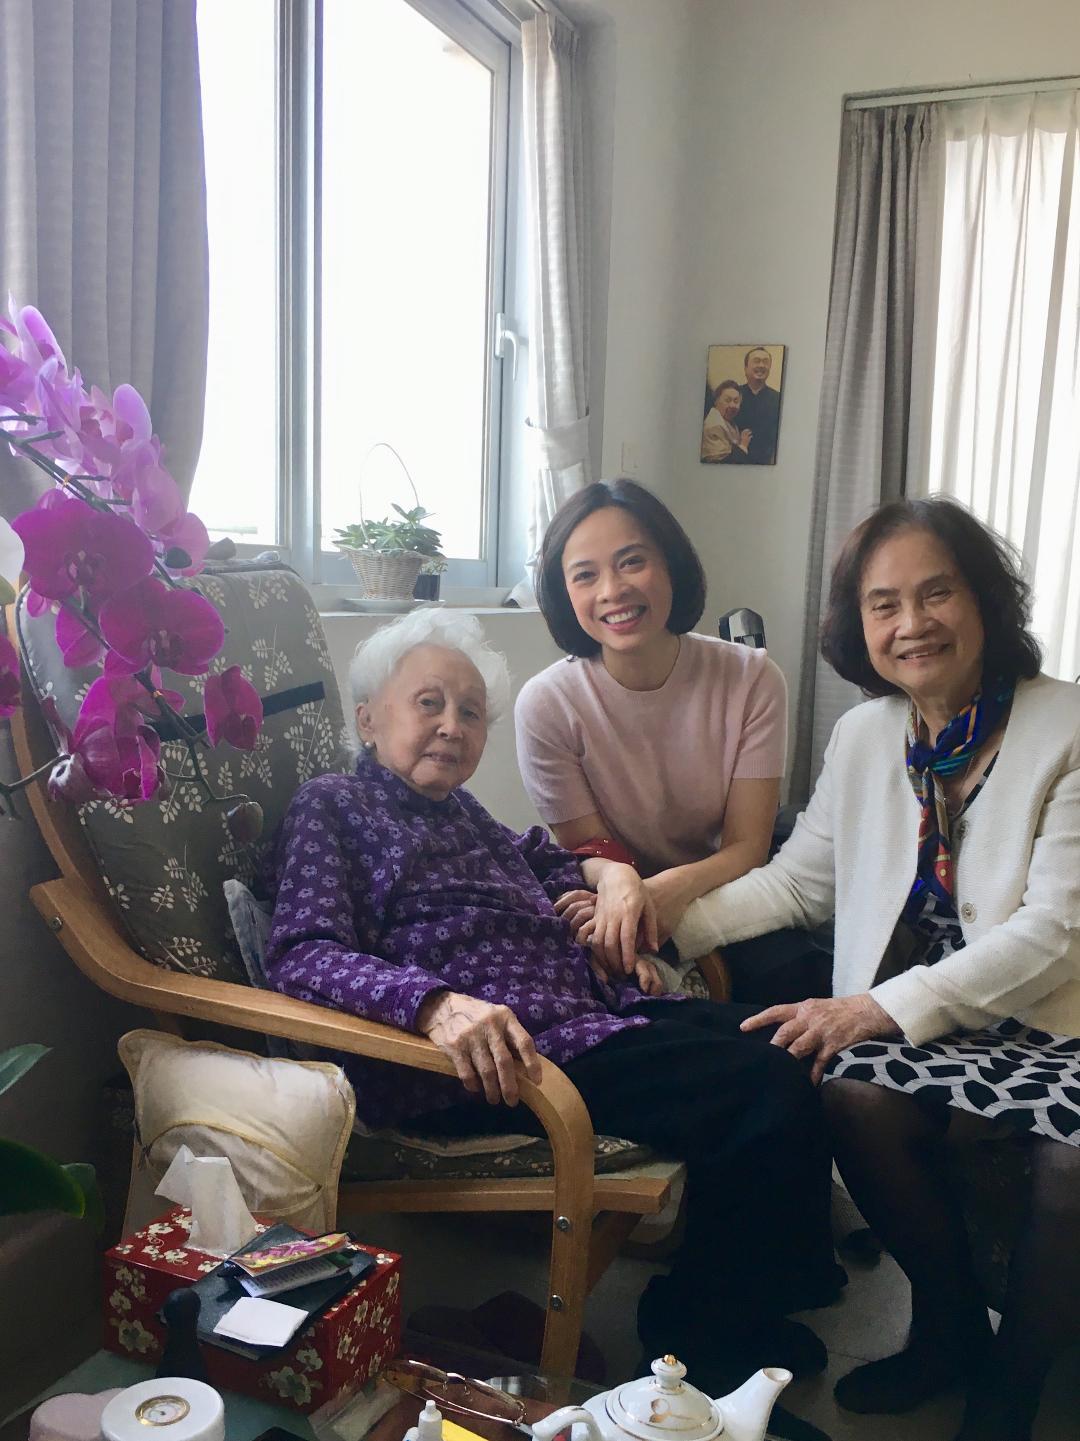 Cùng mẹ và nhà giáo Thái Thị Liên, thân mẫu của NSND Đặng Thái Sơn (ngày 28 Tết) - Ảnh do nhân vật cung cấp